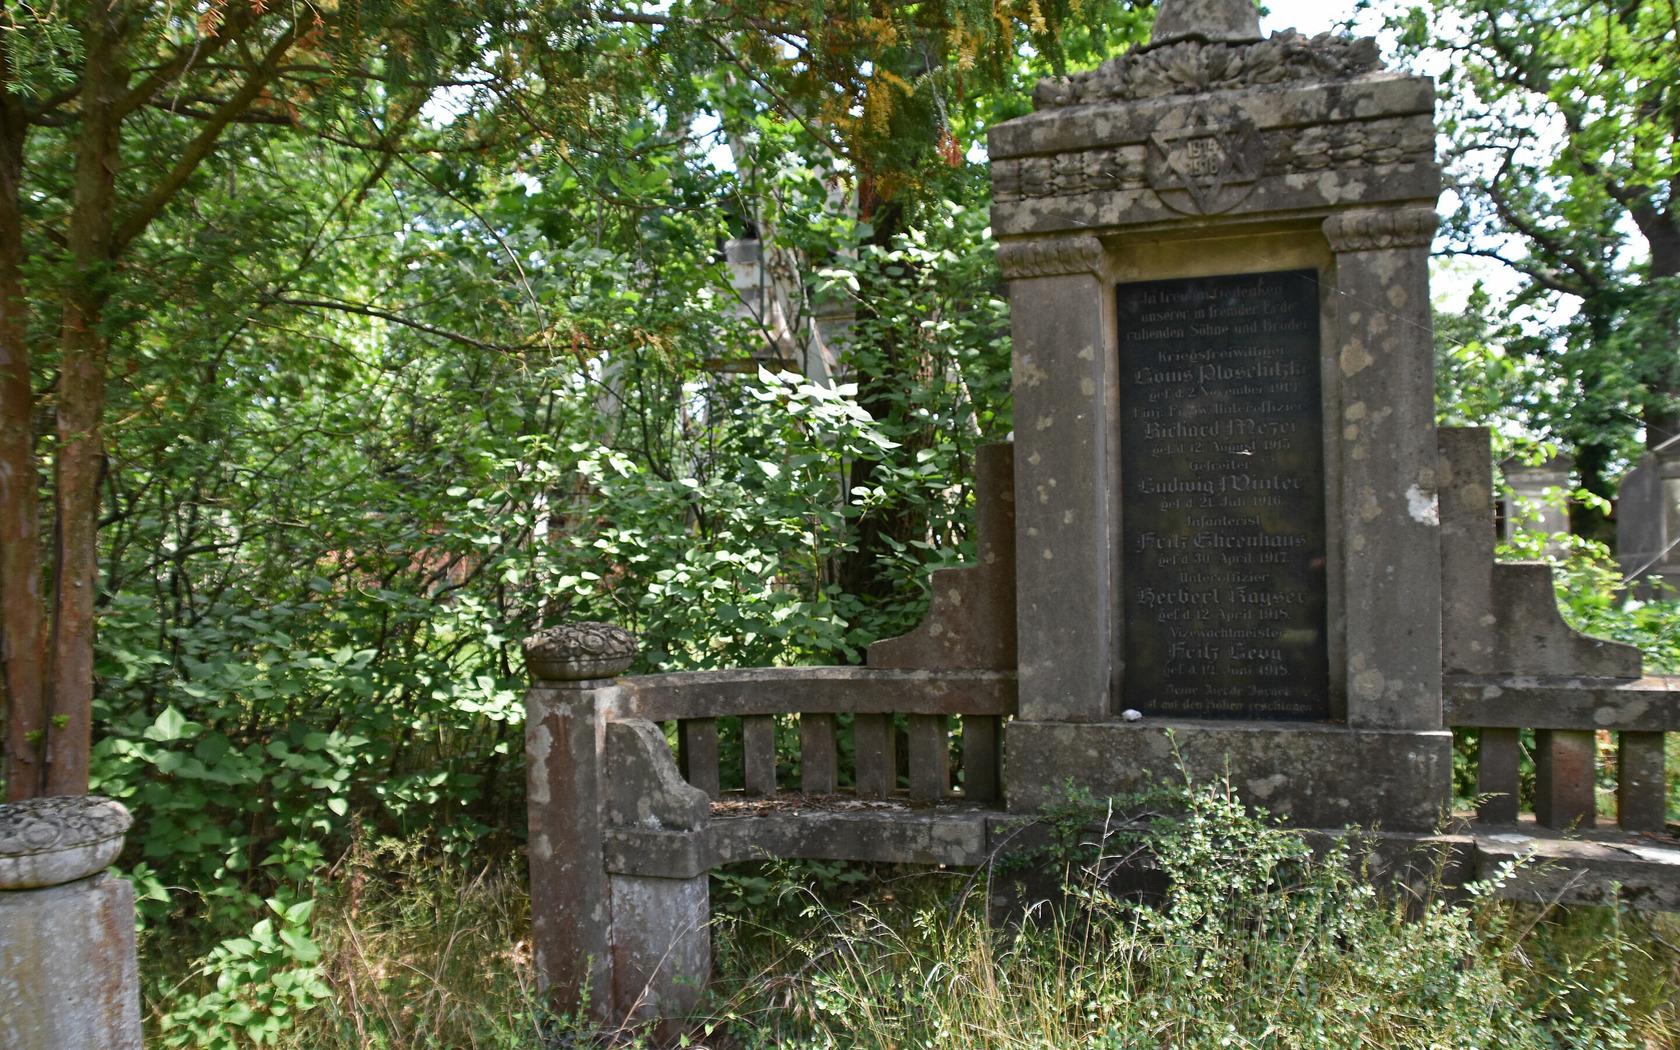 Jüdischer Friedhof, Foto: Marketing und Tourismus Guben e.V., Foto: Marketing und Tourismus Guben e.V., Lizenz: Marketing und Tourismus Guben e.V.